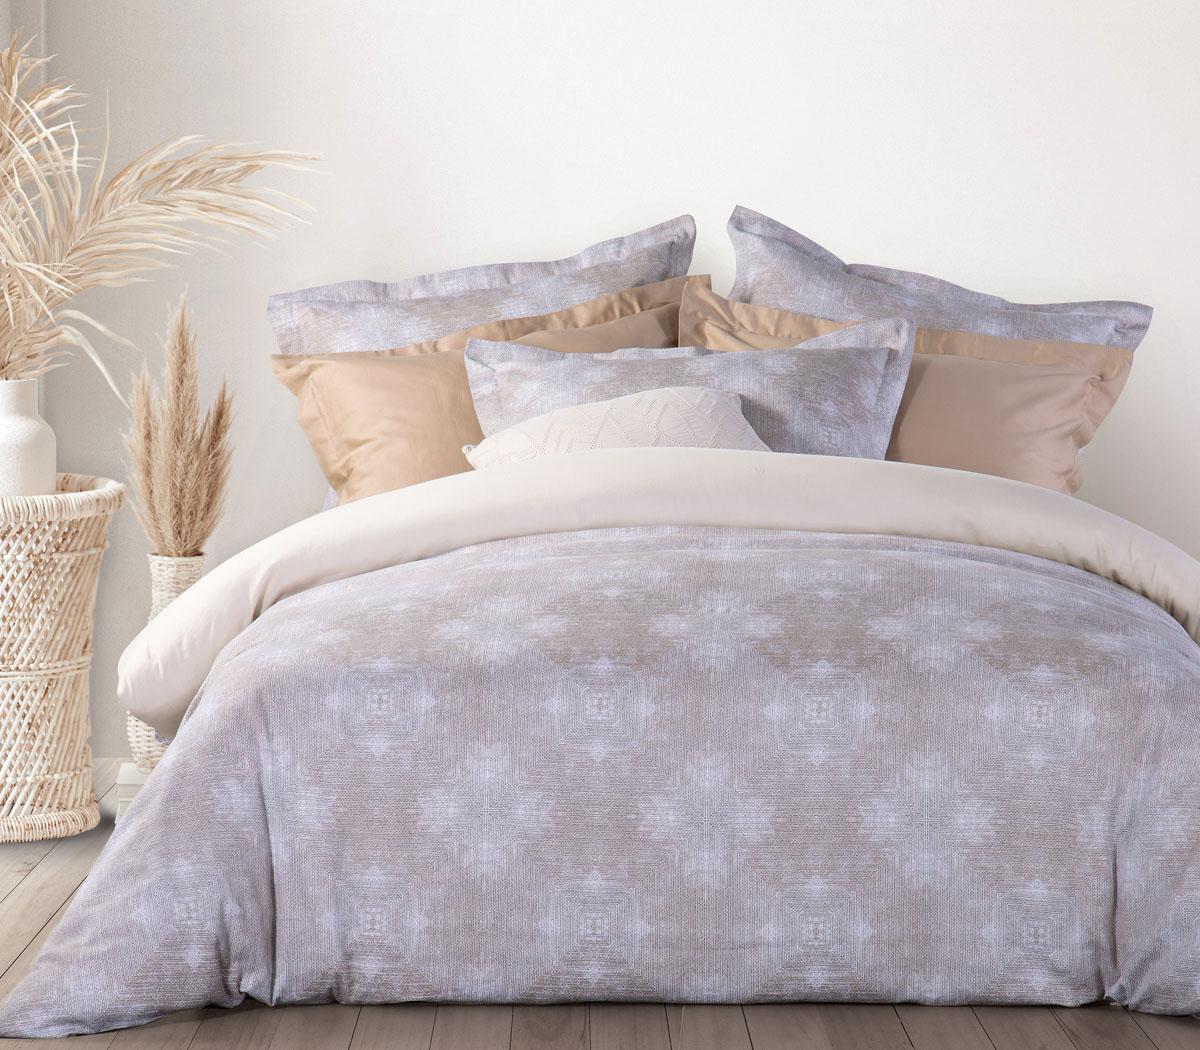 υπέρδιπλο κρεβάτι στρωμένο με την παπλωματοθήκη nairbody